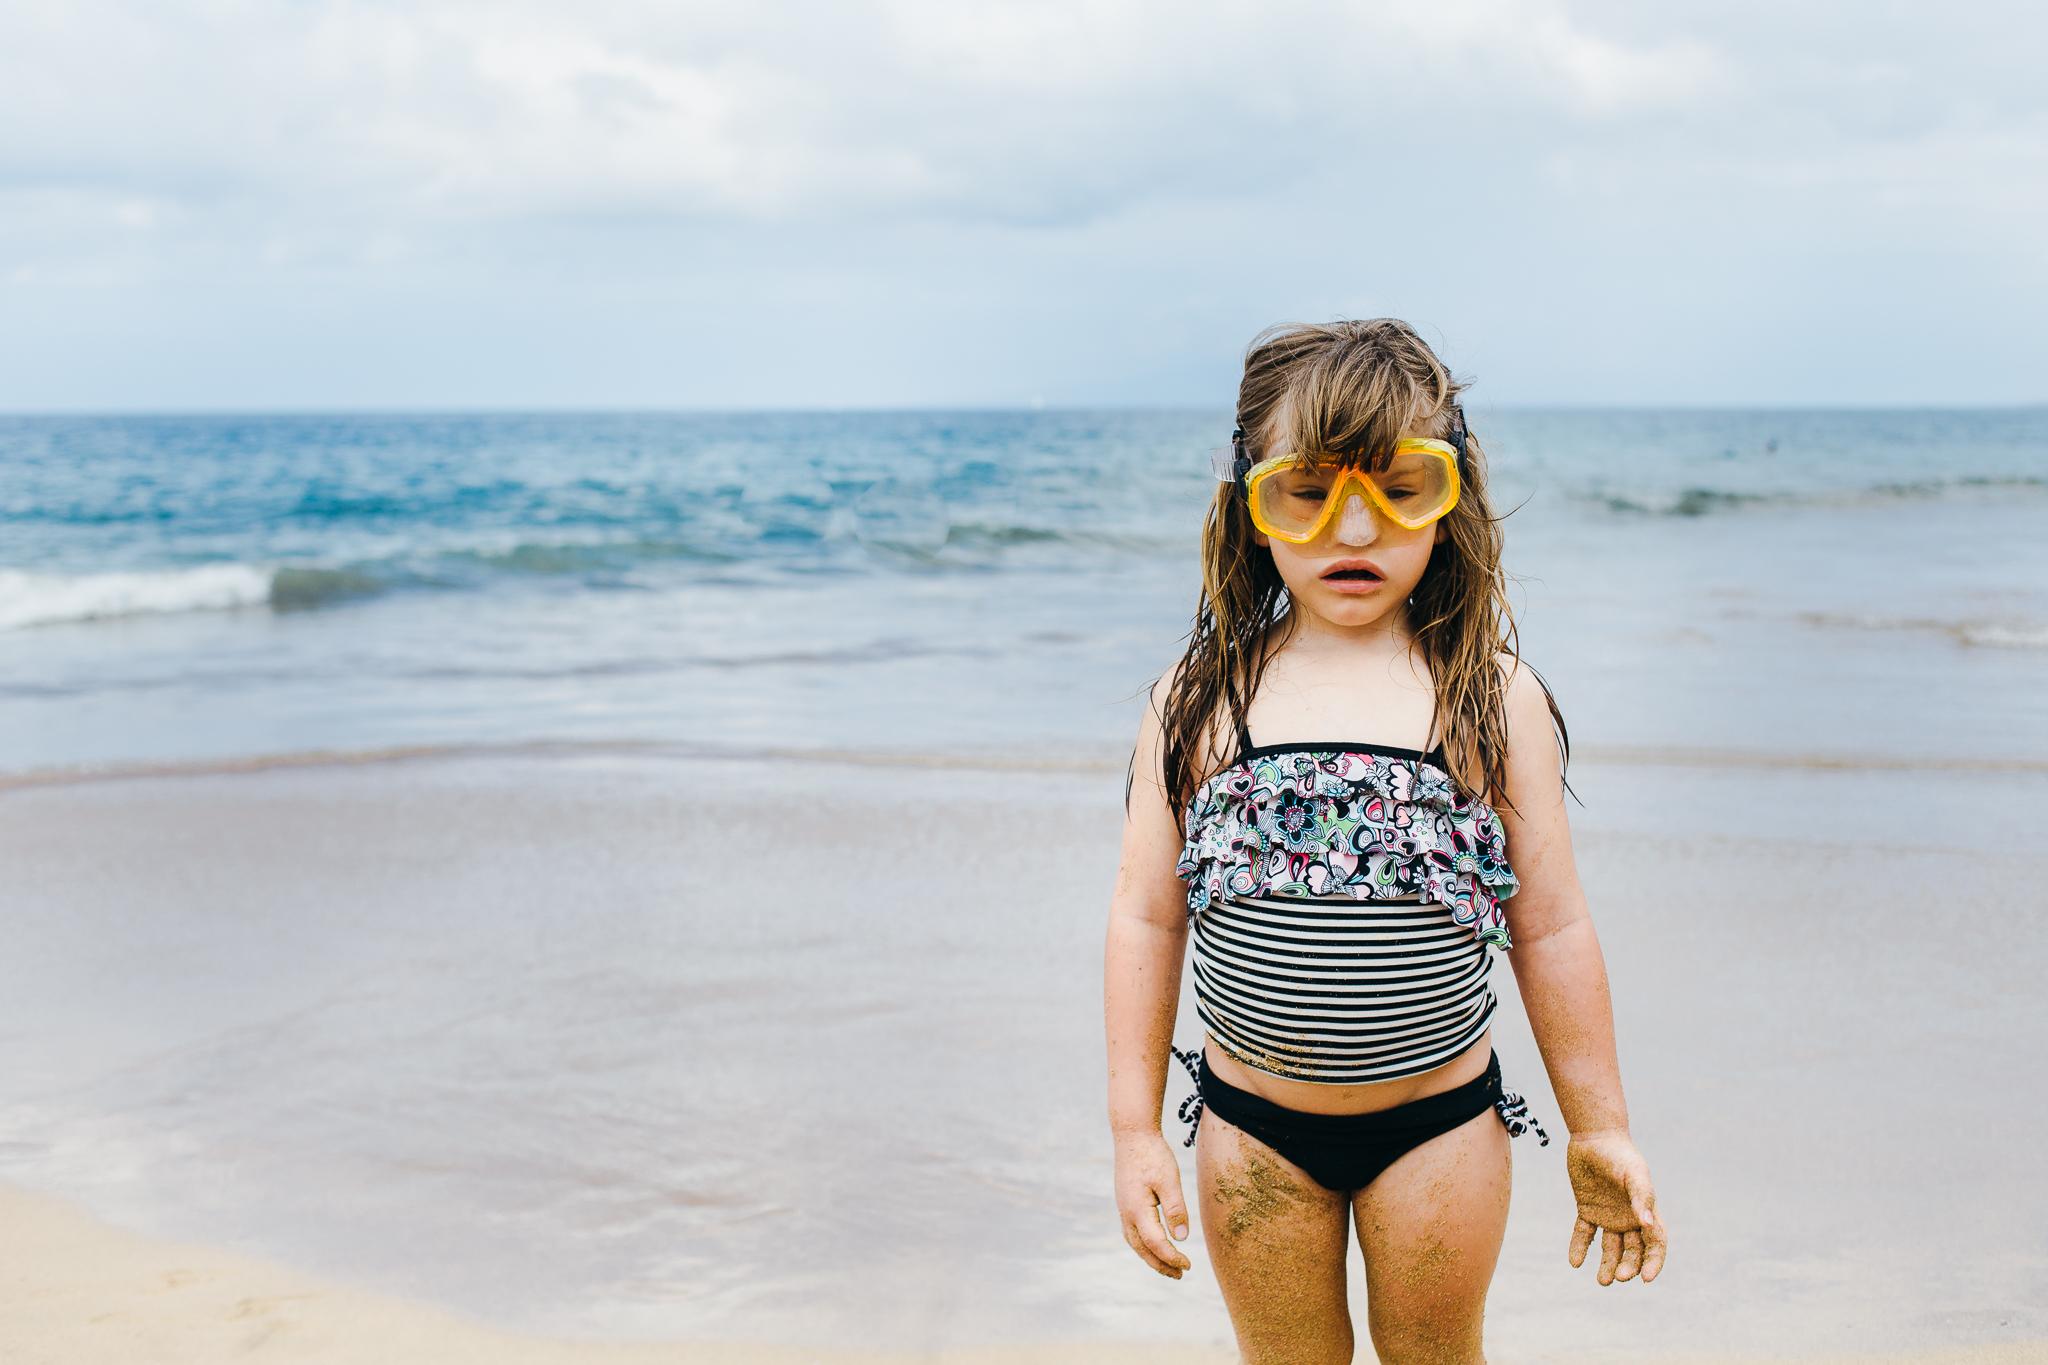 Scuba girl on beach.